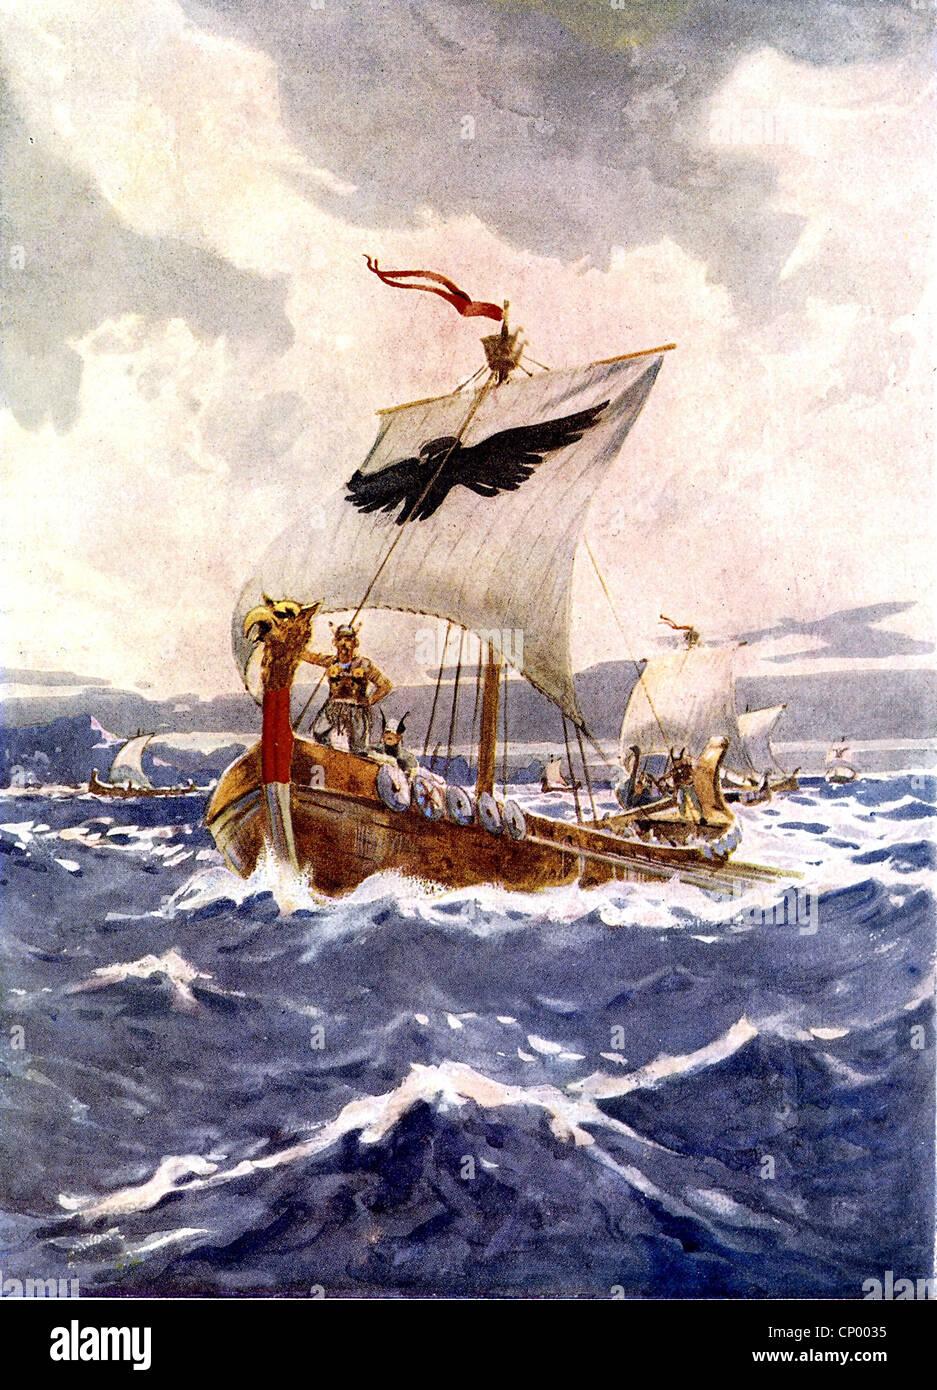 Moyen Âge, Vikings, Viking Ship, navigation, peinture par Arch Webb, historiques, Historiques, bateaux, bateau,Banque D'Images